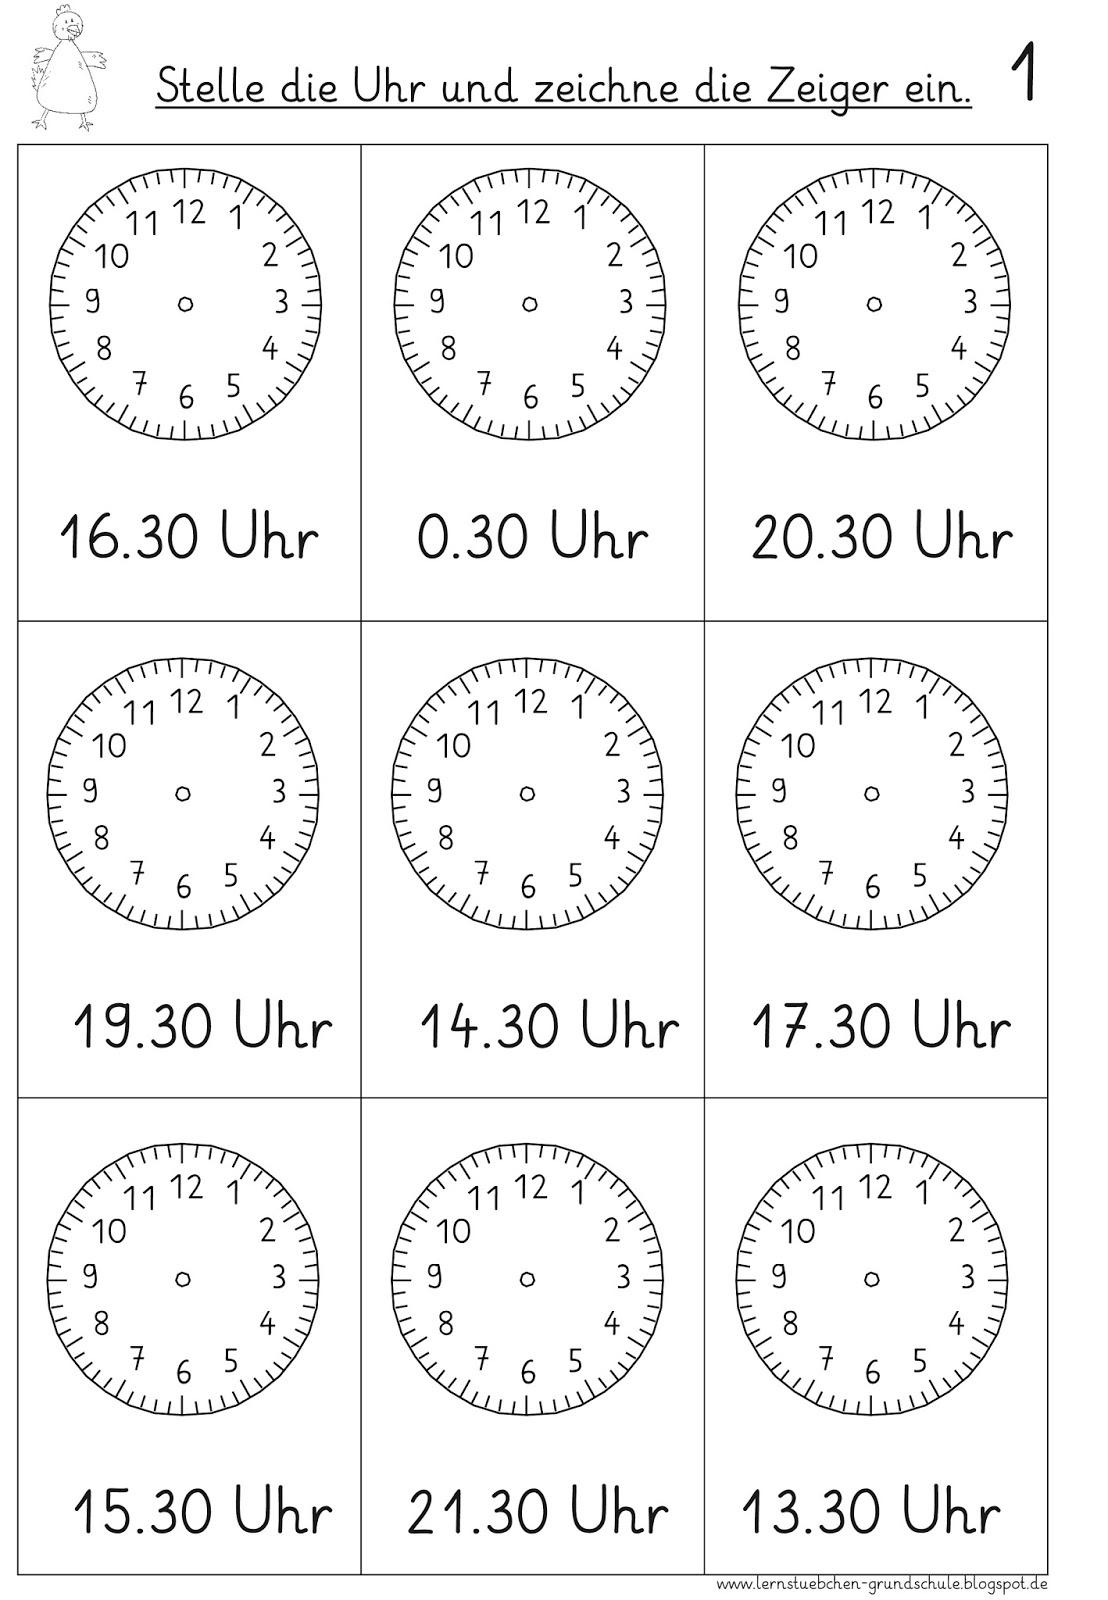 Ziemlich Leere Uhr Vorlagen Ideen - Beispiel Anschreiben für ...